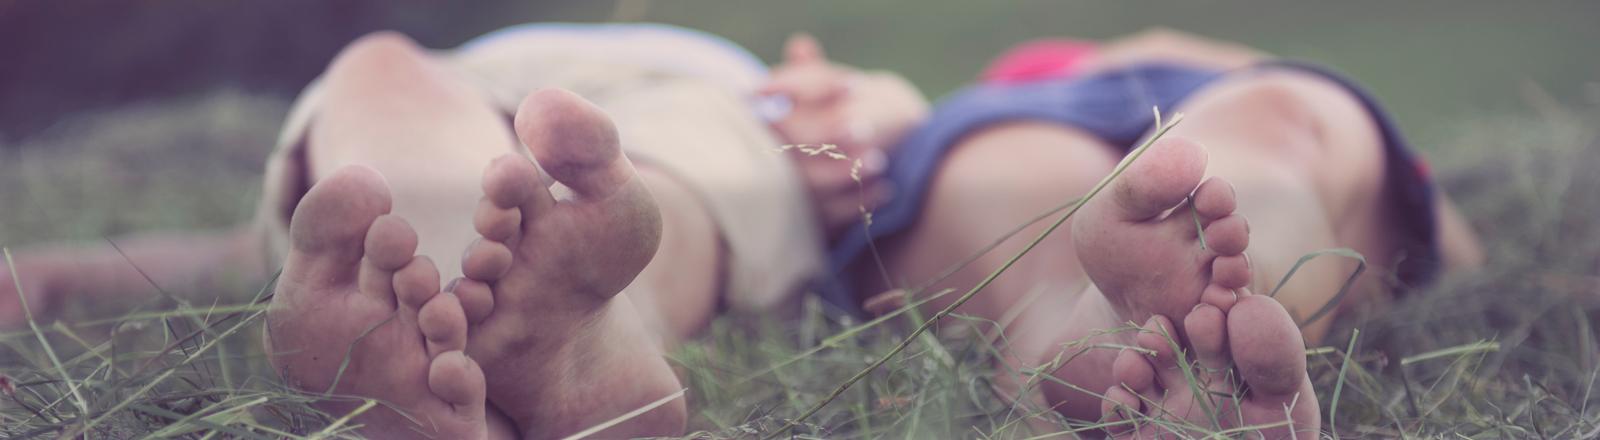 Zwei Menschen liegen im Gras und halten sich an den Händen.